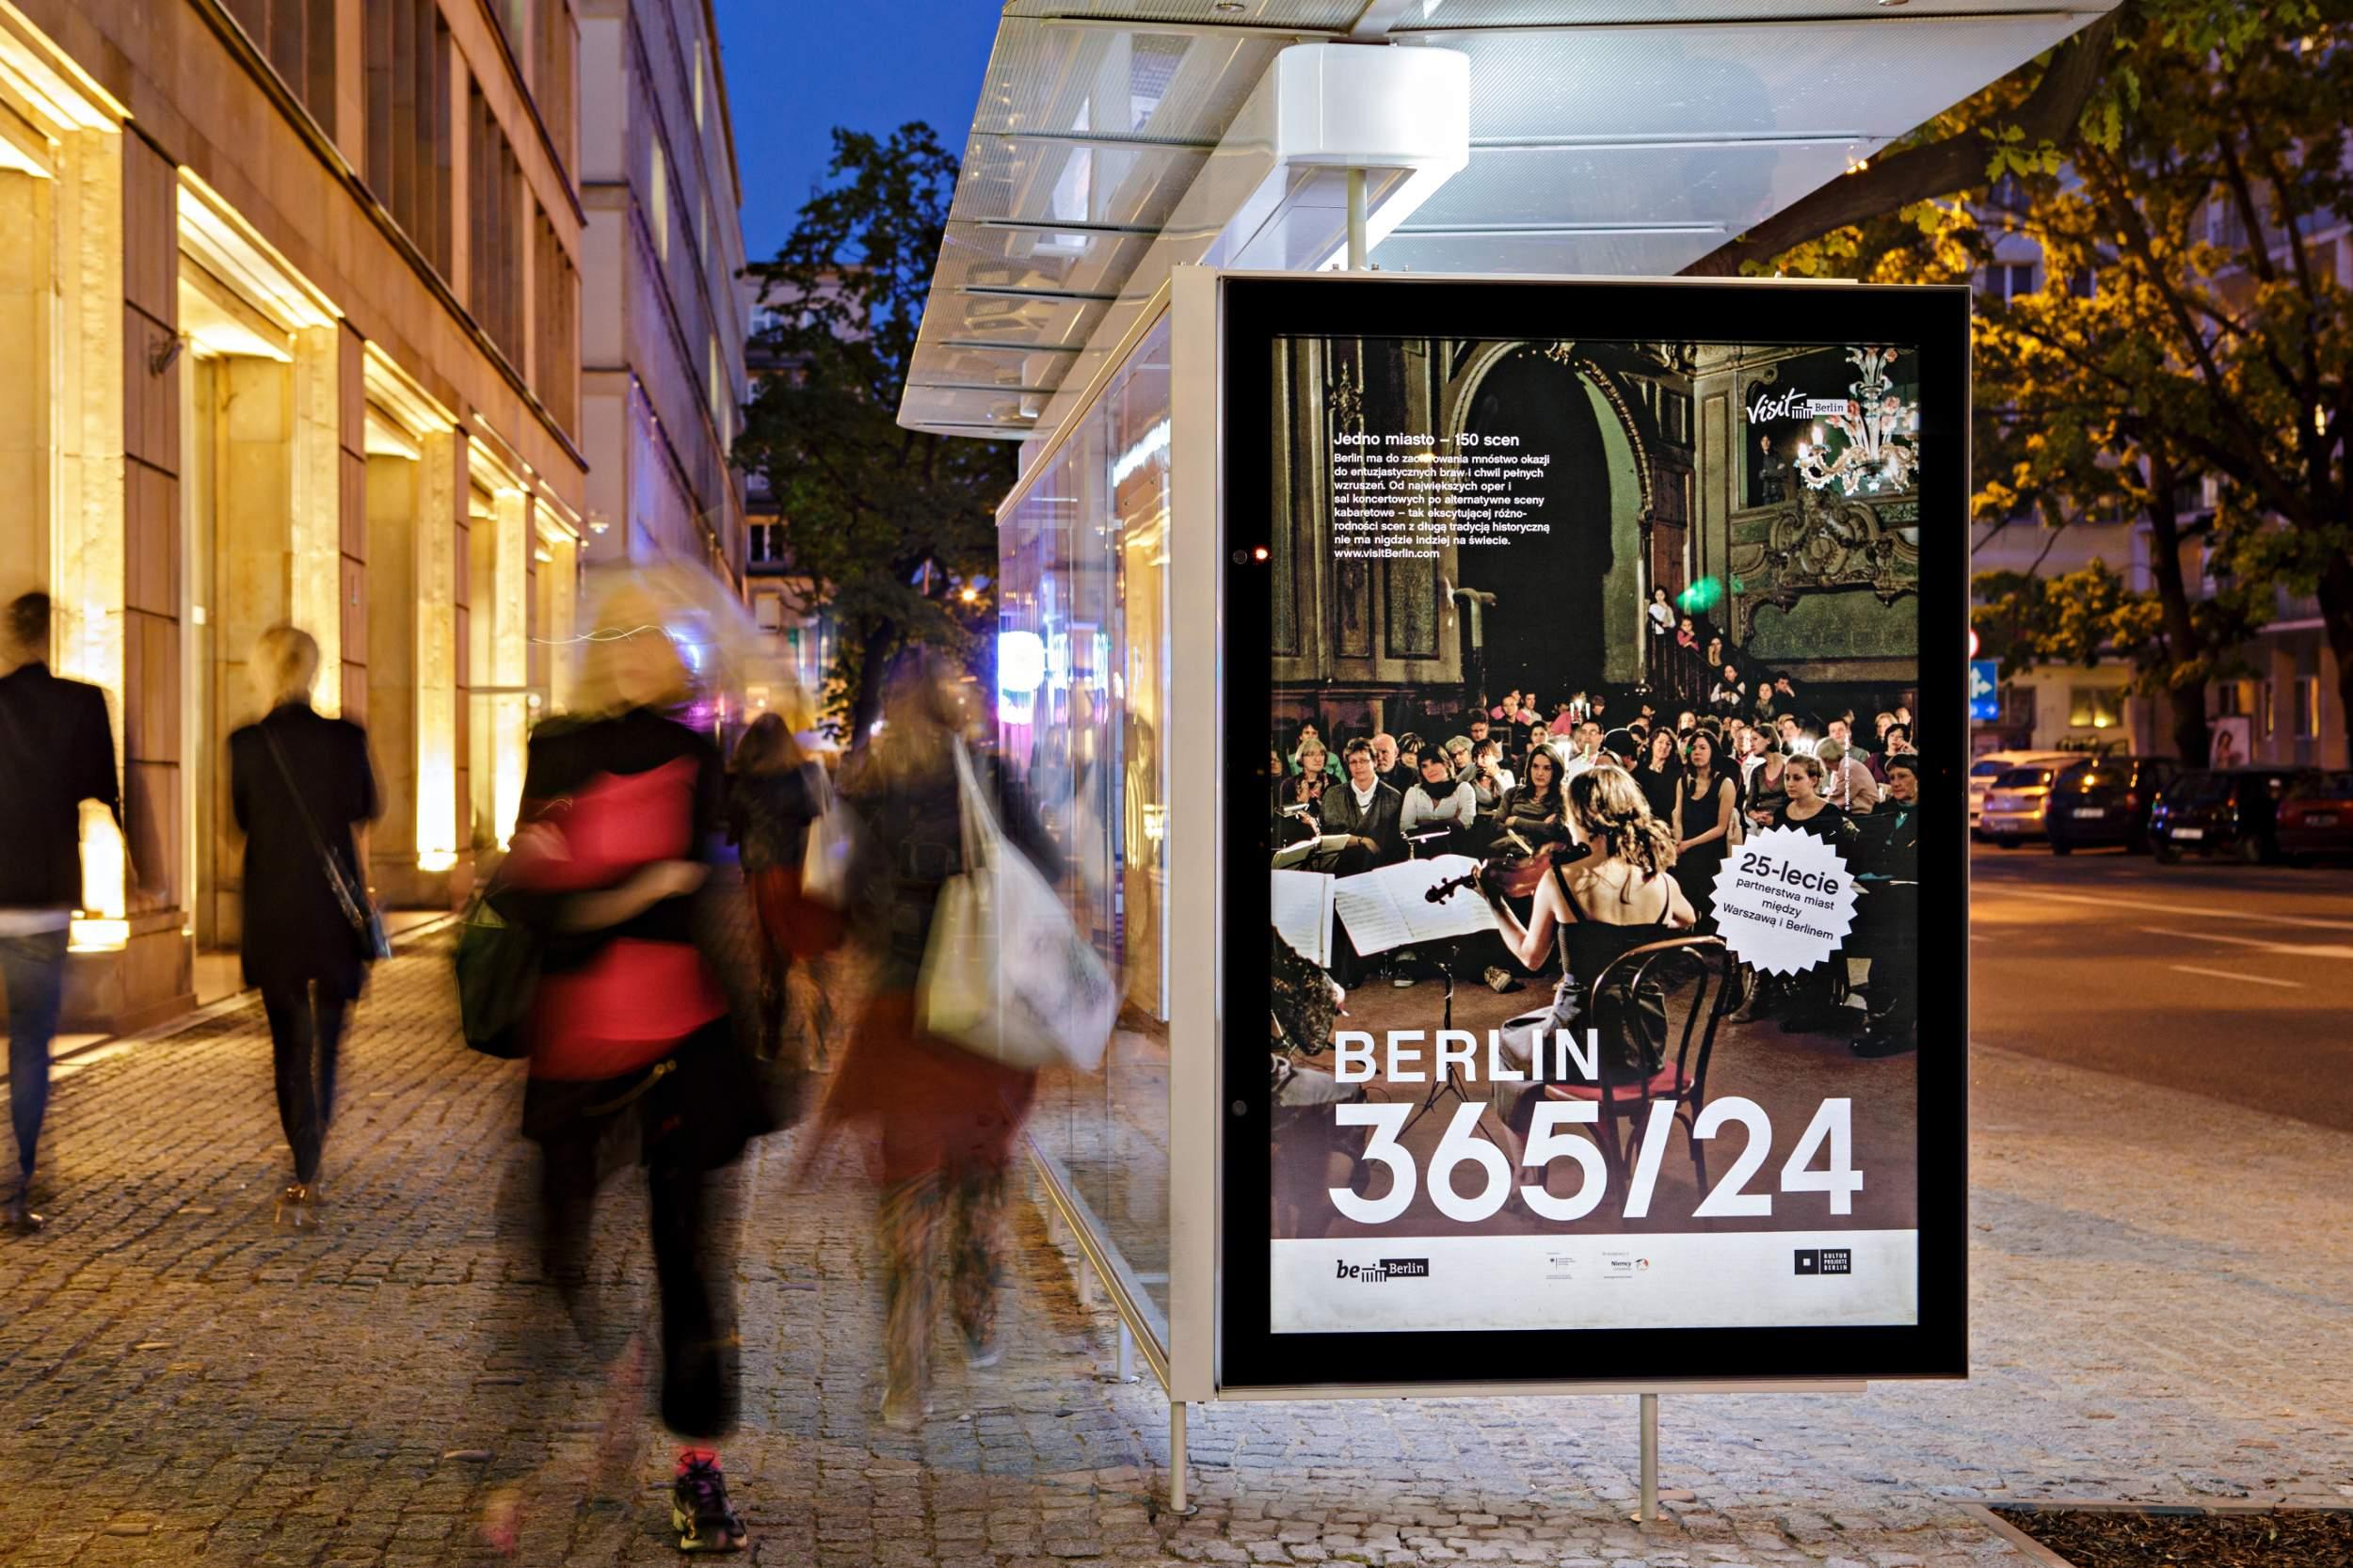 Outdoor Werbung 365 24 in Warschauschnitt